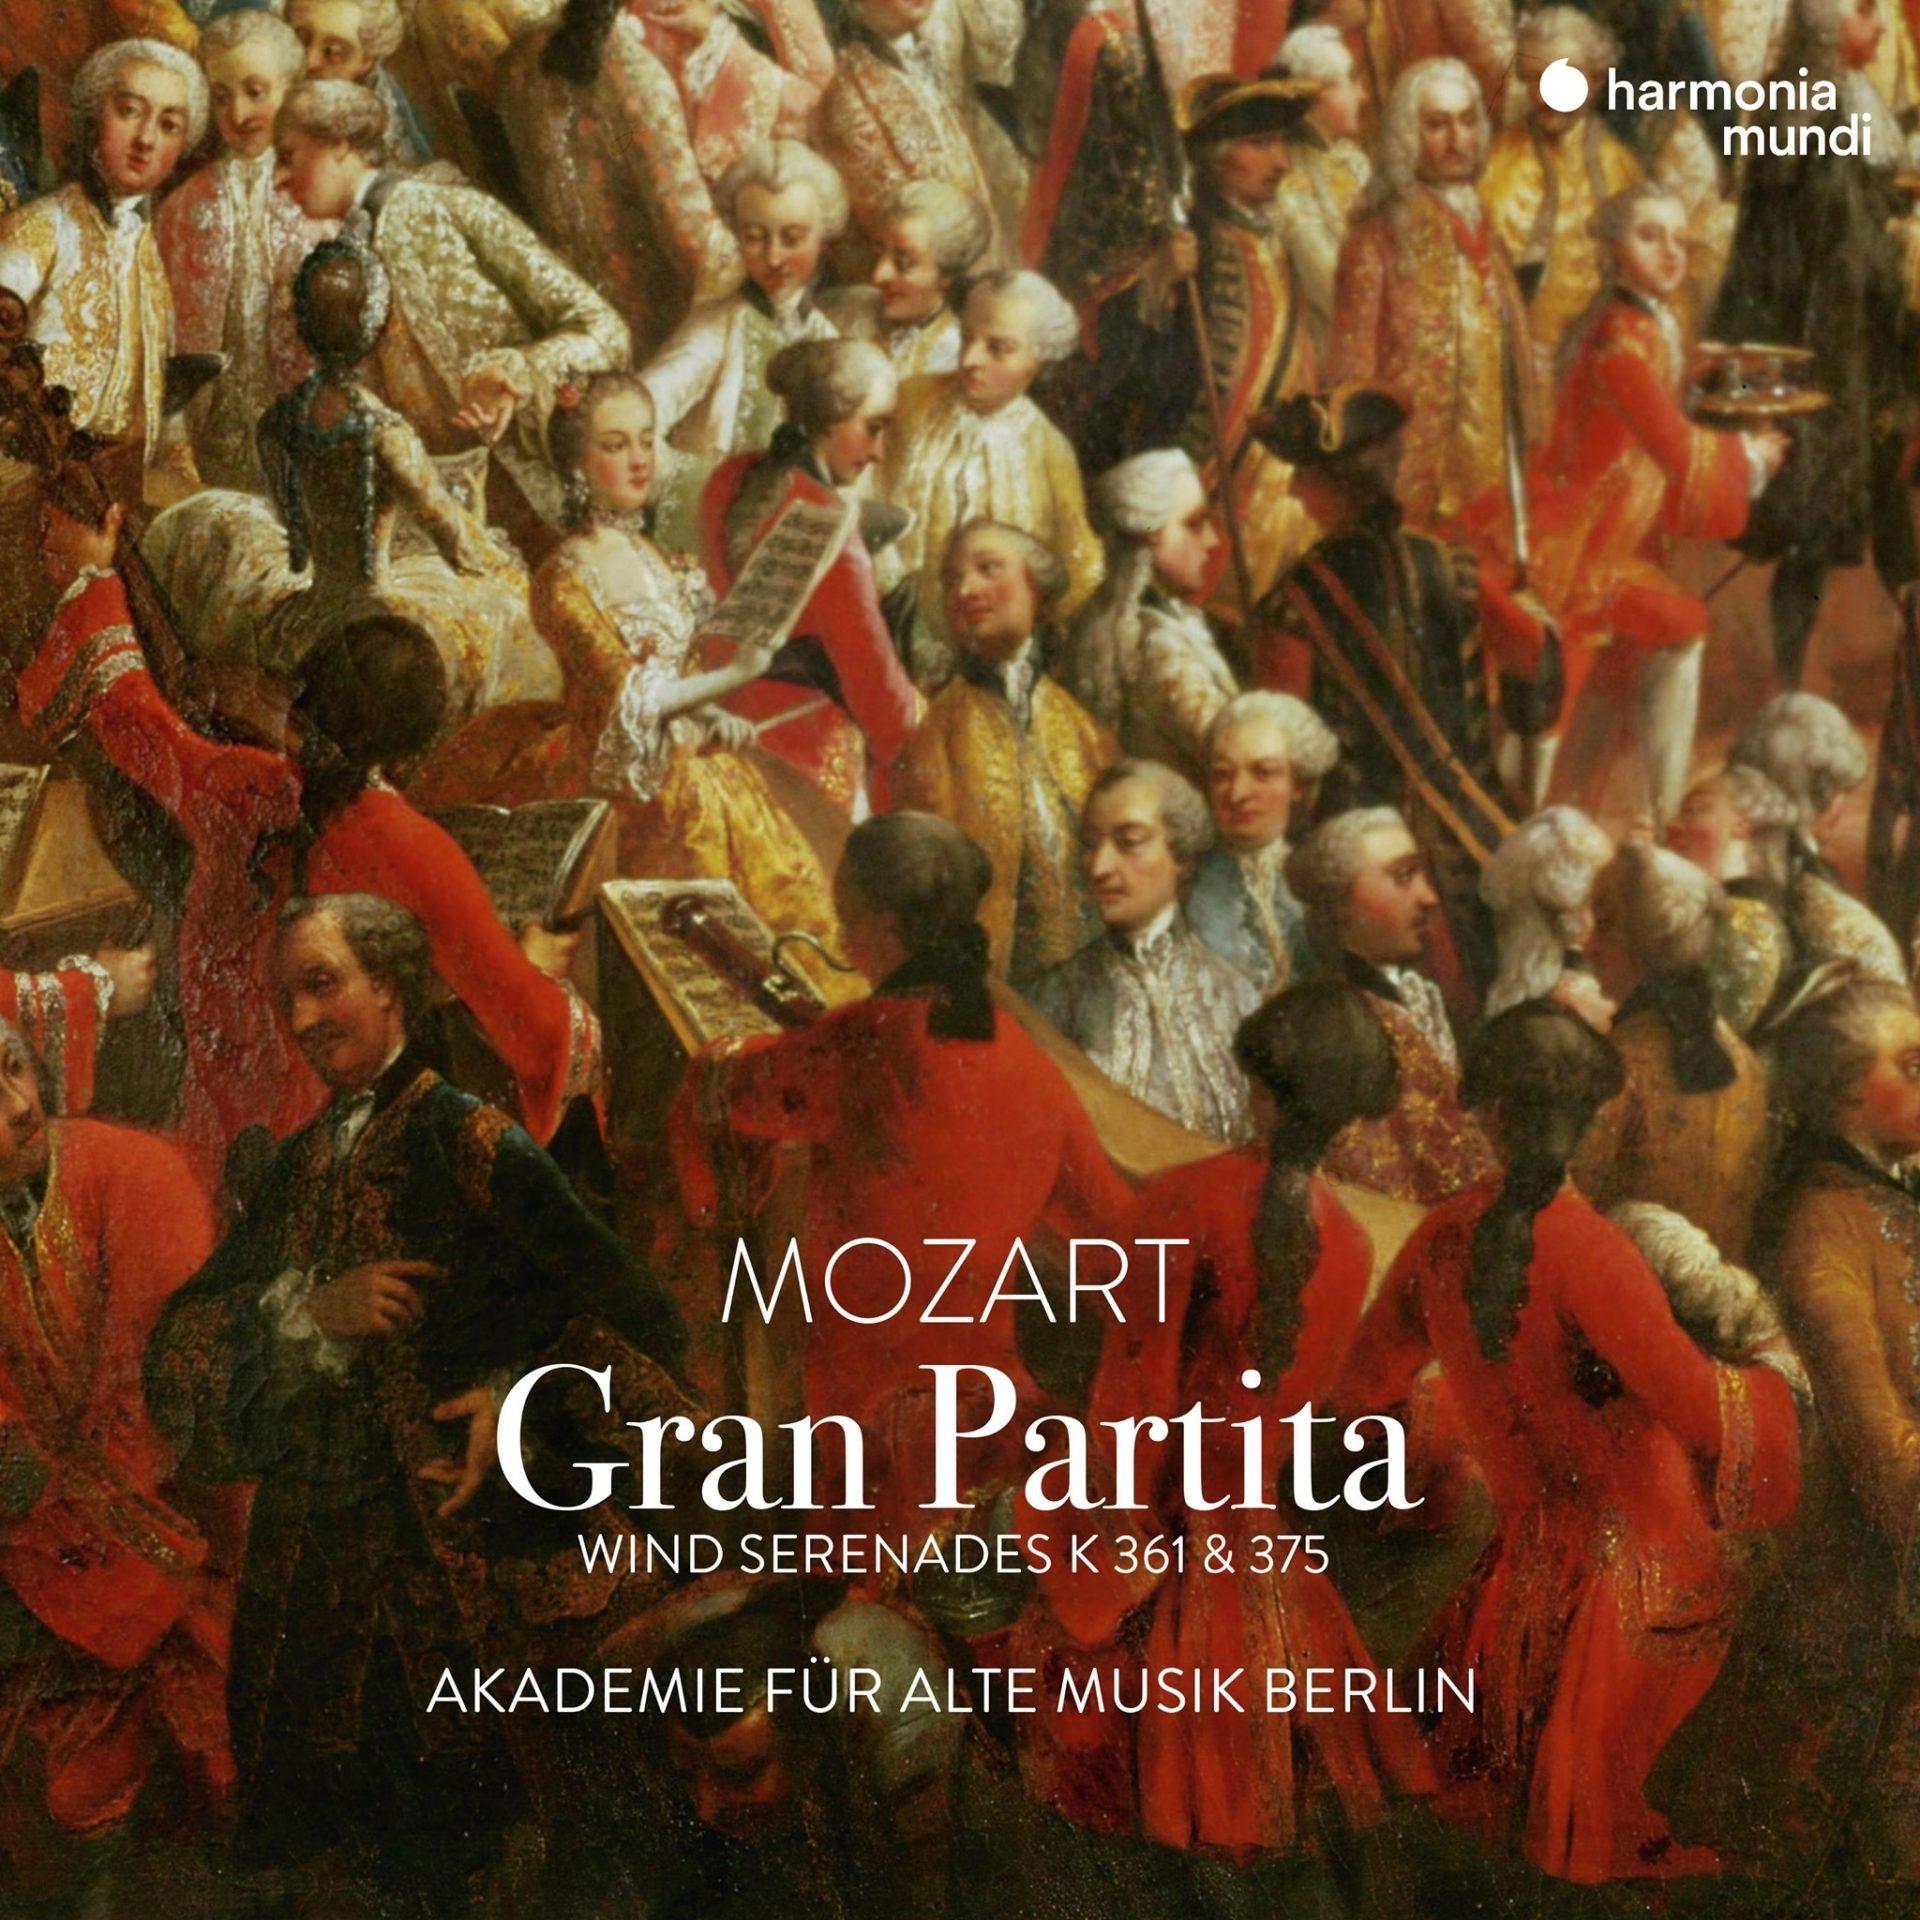 Akamus Gran Partita CD Cover